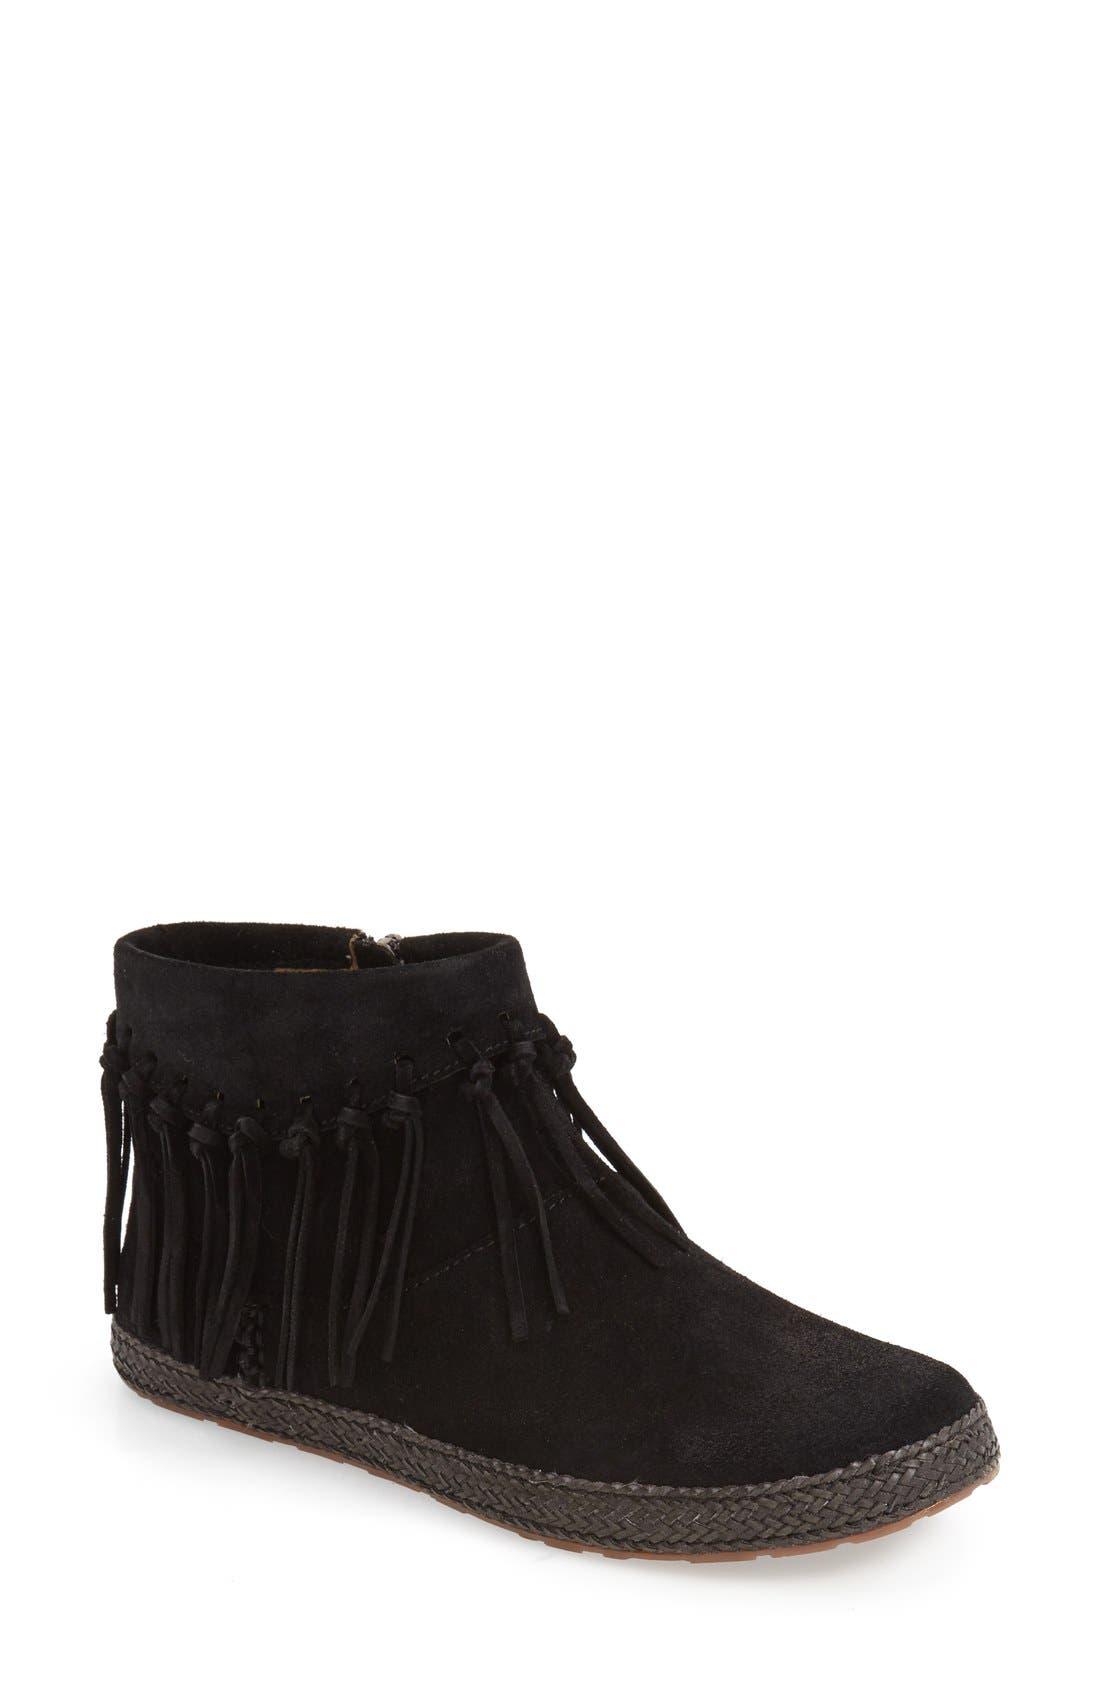 Main Image - UGG® 'Shenendoah' Fringe Ankle Boot (Women)